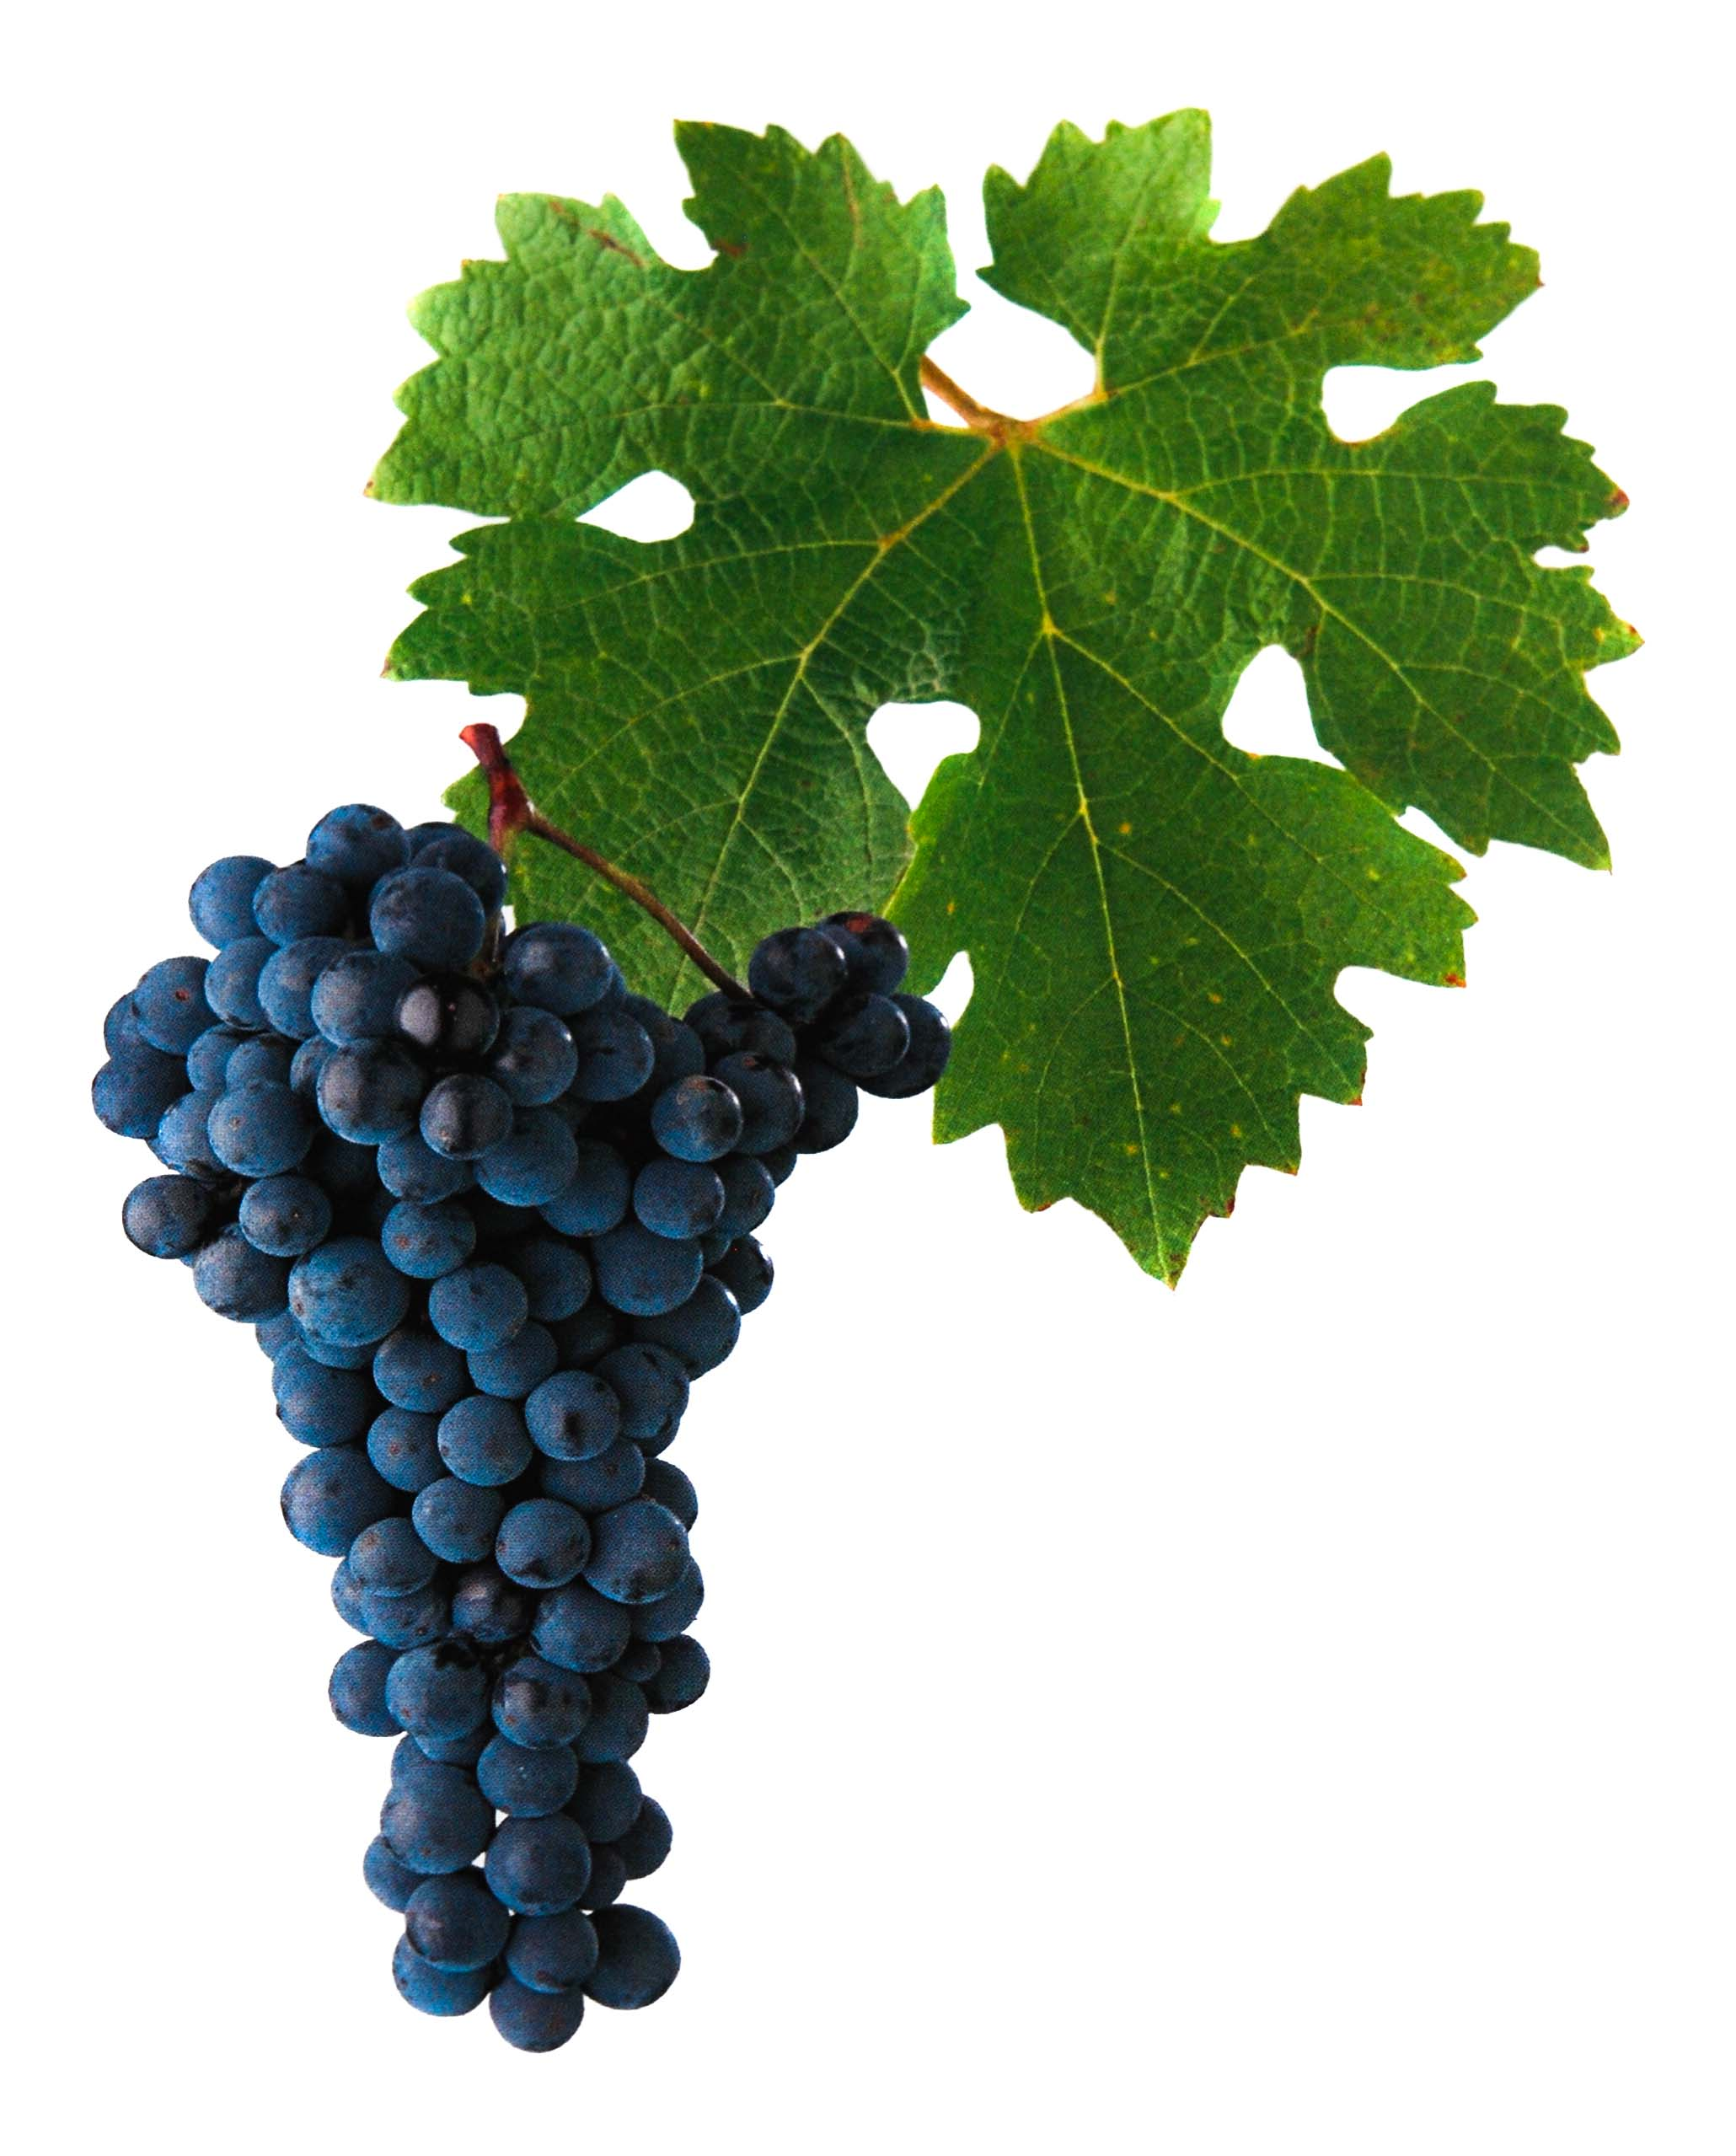 Cabernet Sauvignon víno hrozen a list